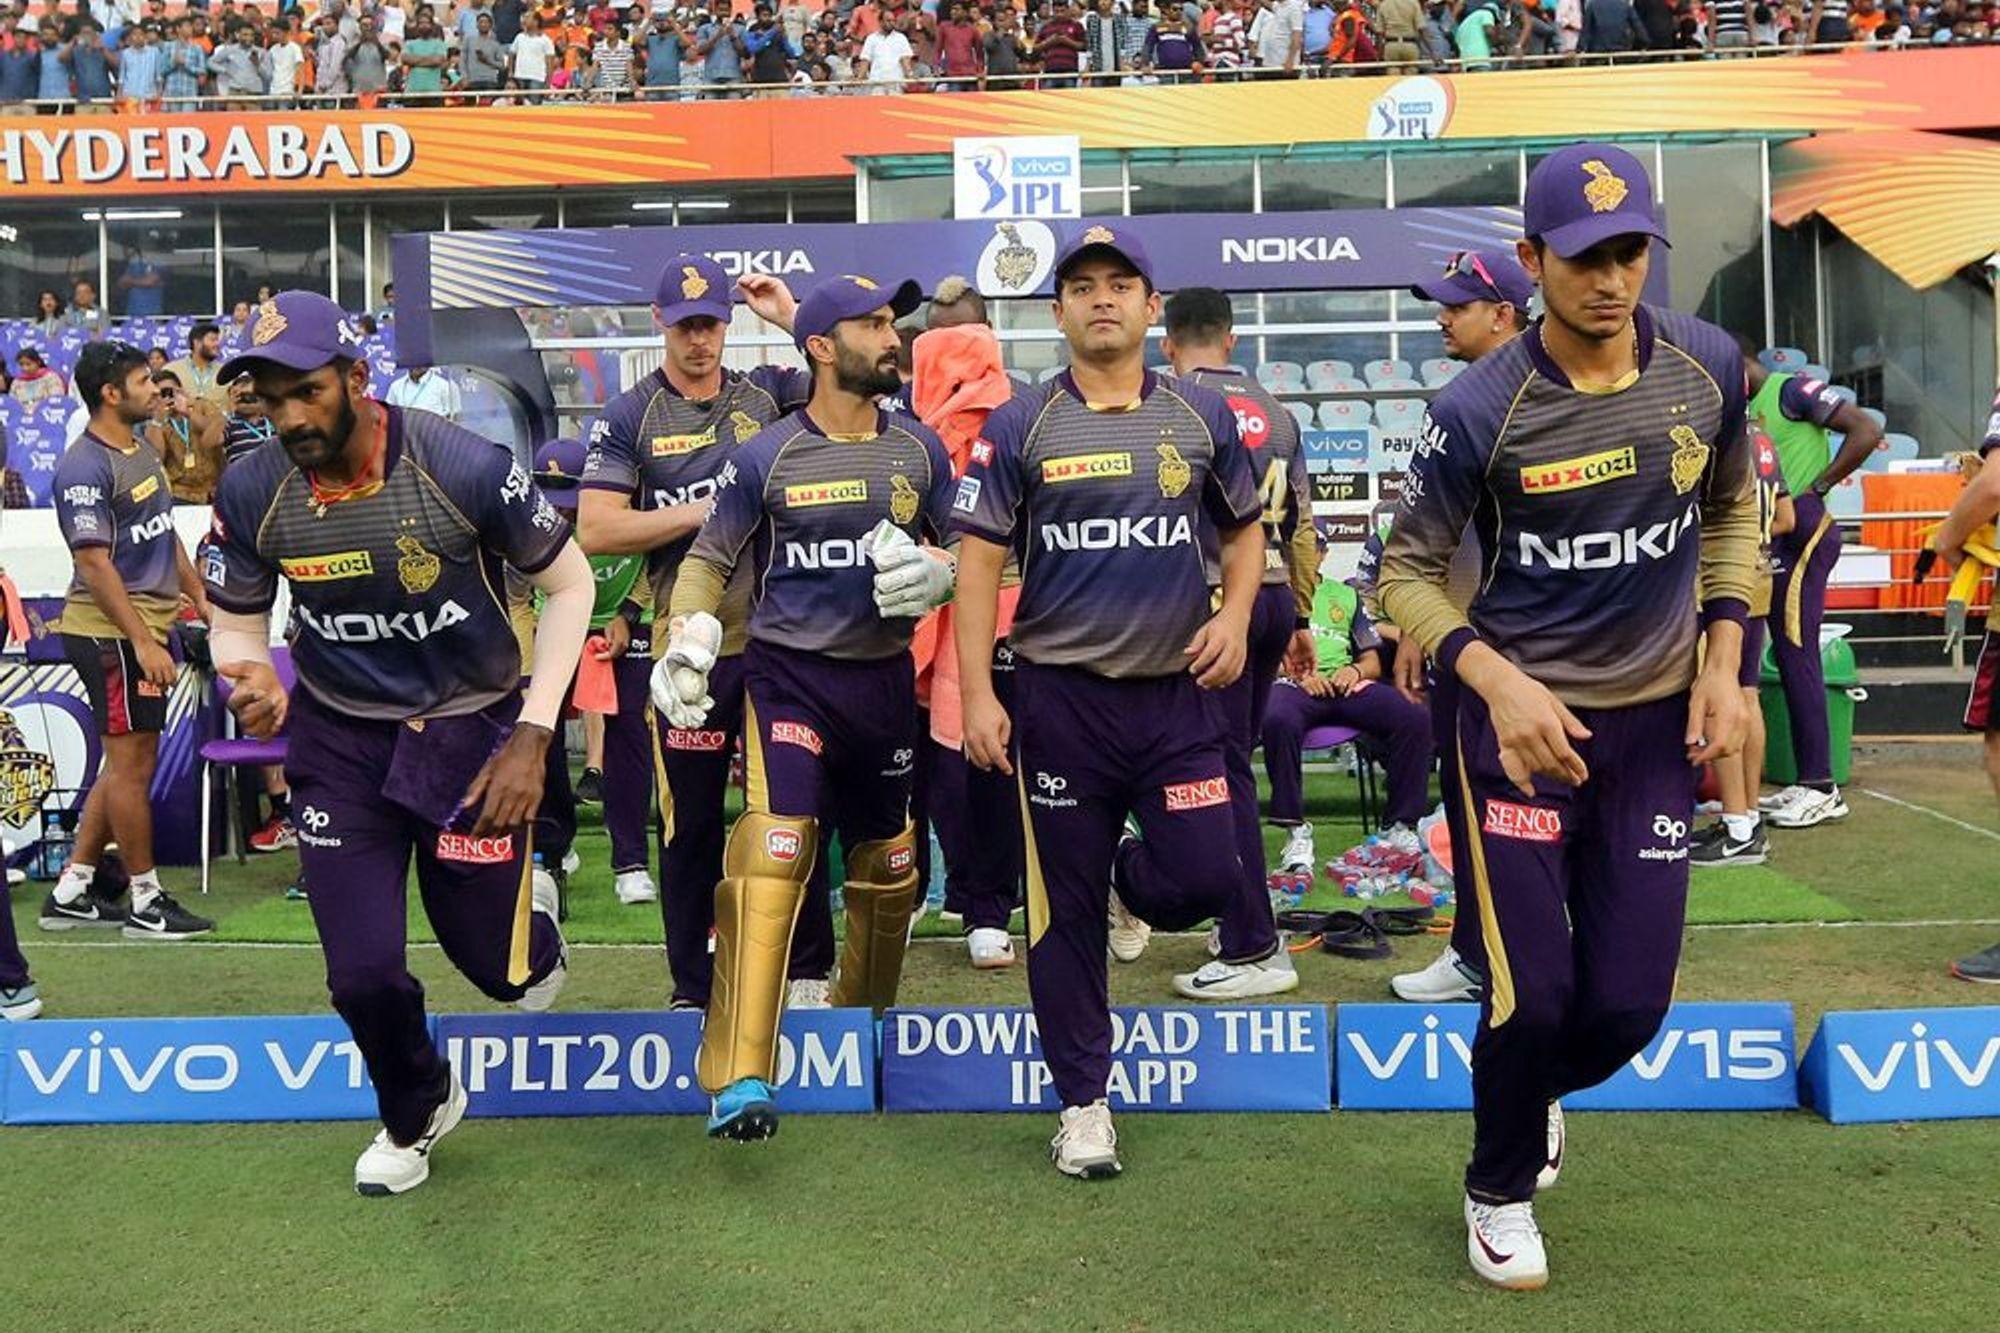 IPL 2019: सनराइजर्स हैदराबाद के खिलाफ कोलकाता नाईट राइडर्स की हार के ये रहे 3 प्रमुख कारण 13